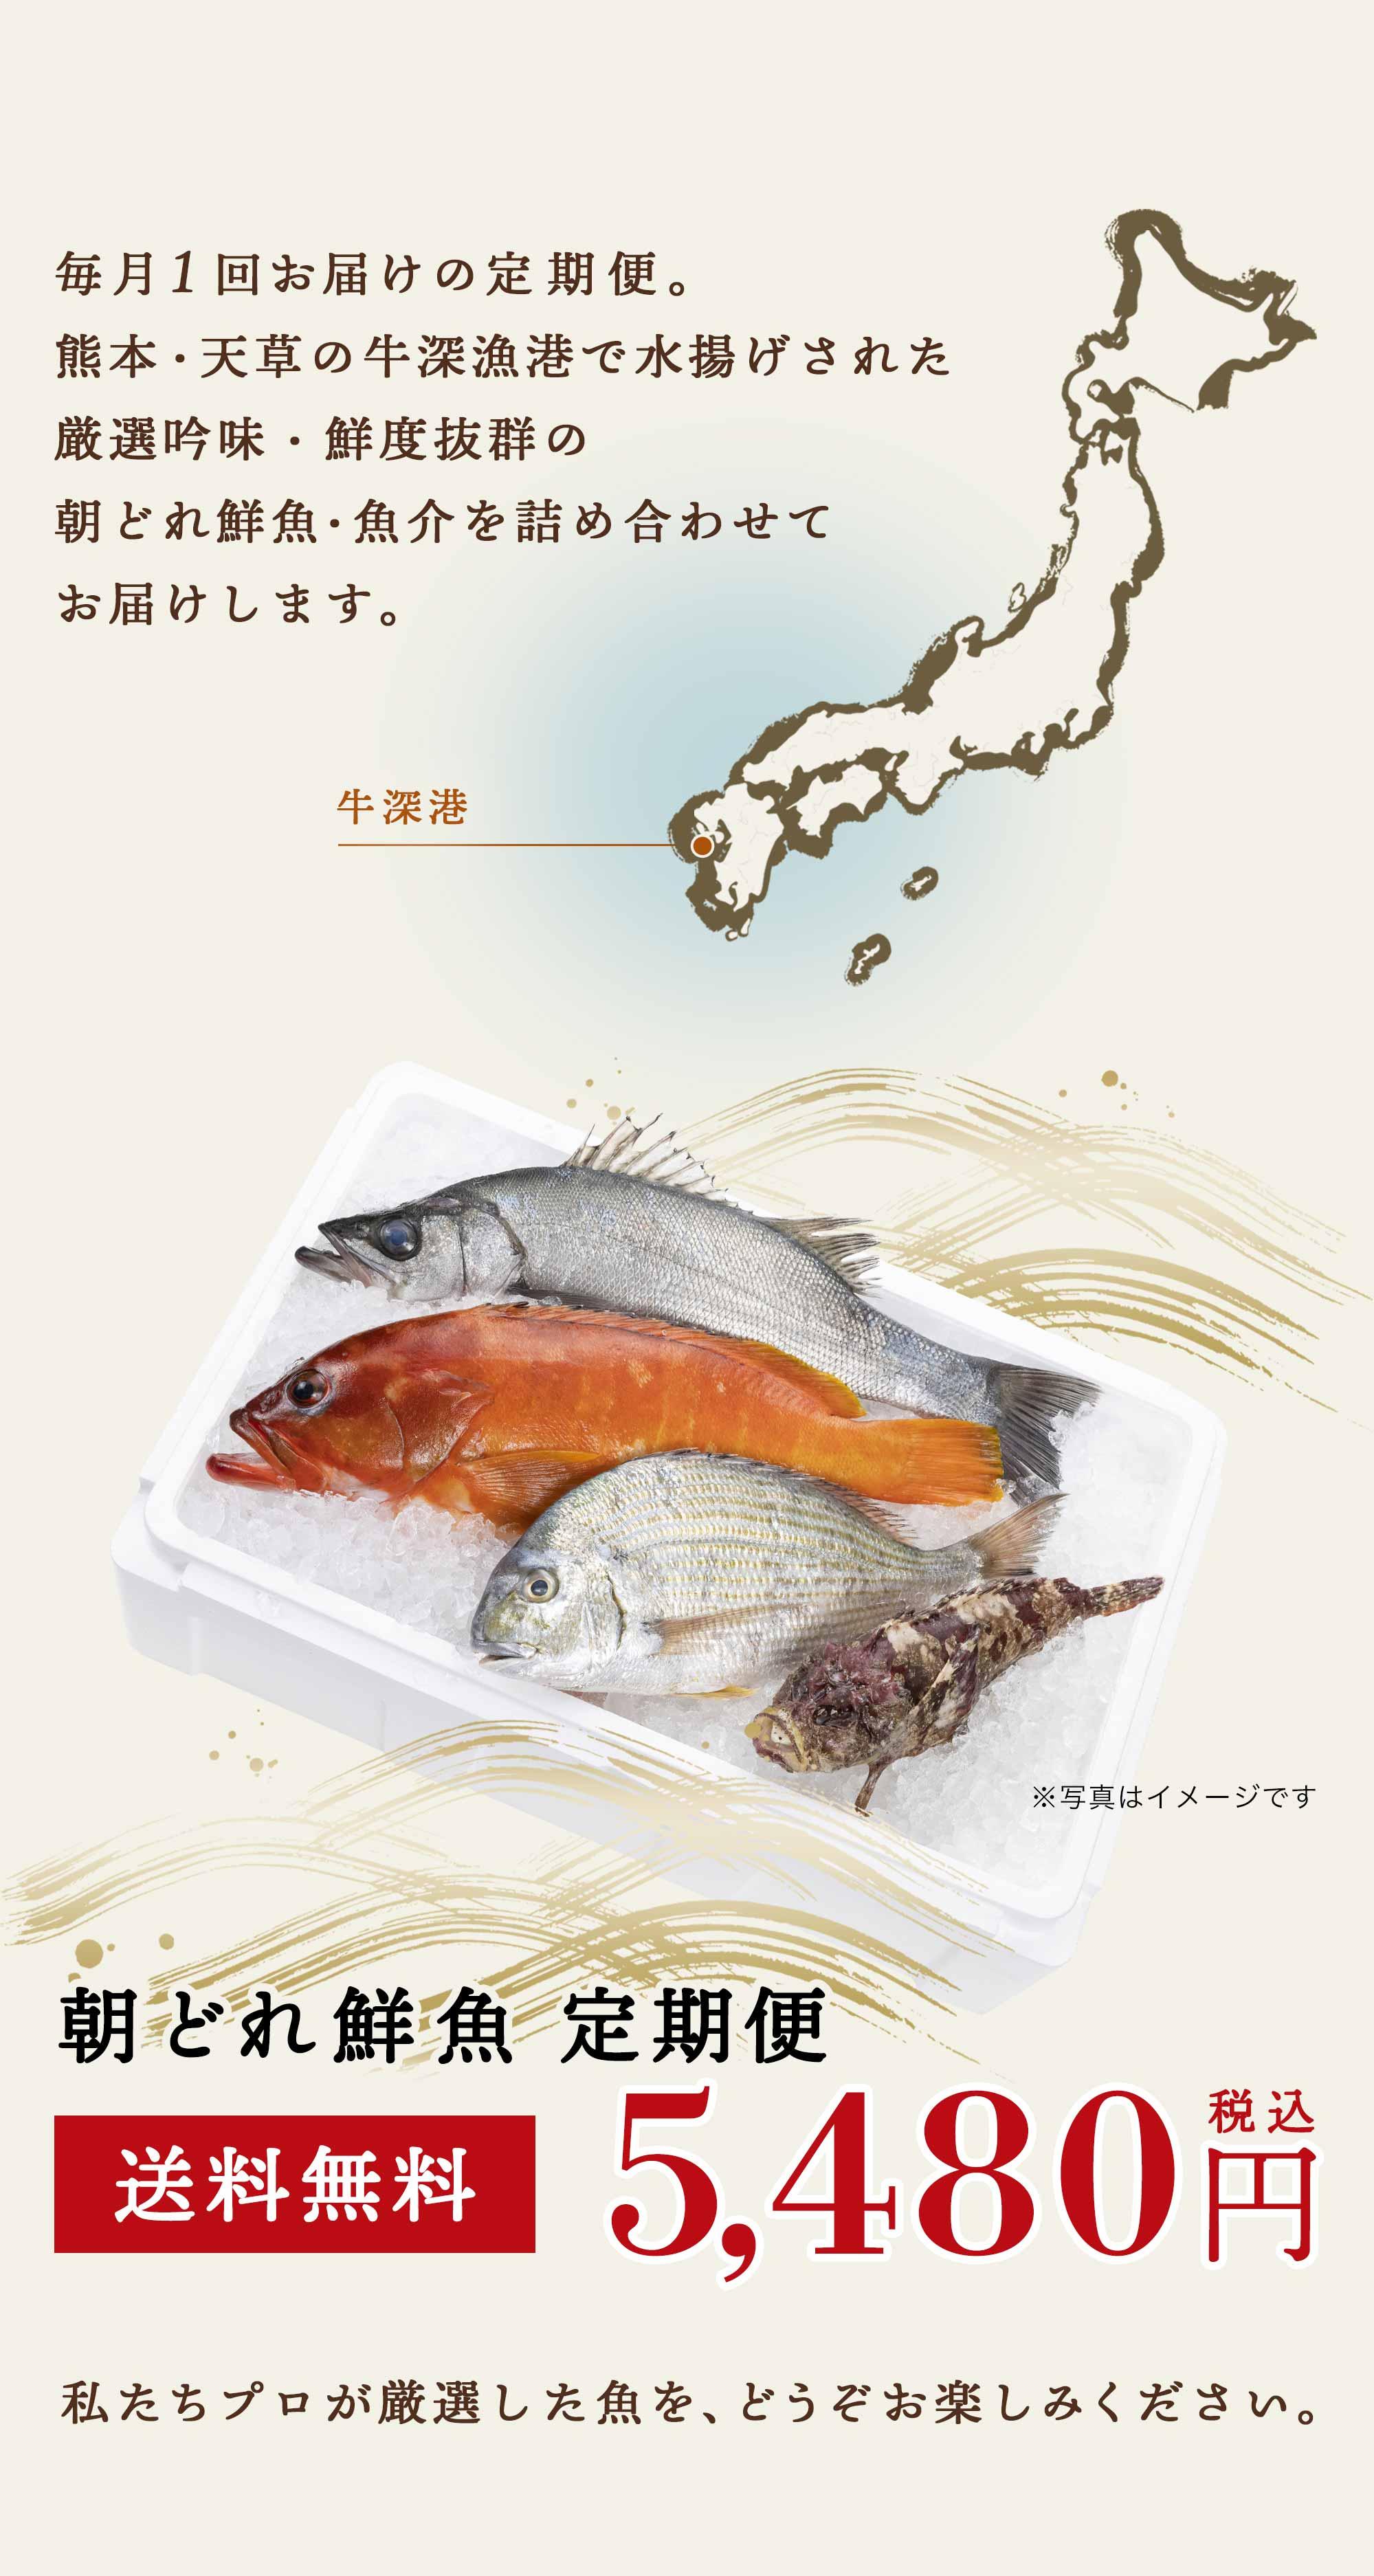 毎月1回お届けの定期便。熊本・天草の牛深漁港で水揚げされた厳選吟味・鮮度抜群の朝どれ鮮魚・魚介を詰め合わせてお届けします。私たちプロが厳選した魚を、ぞうぞお楽しみください。